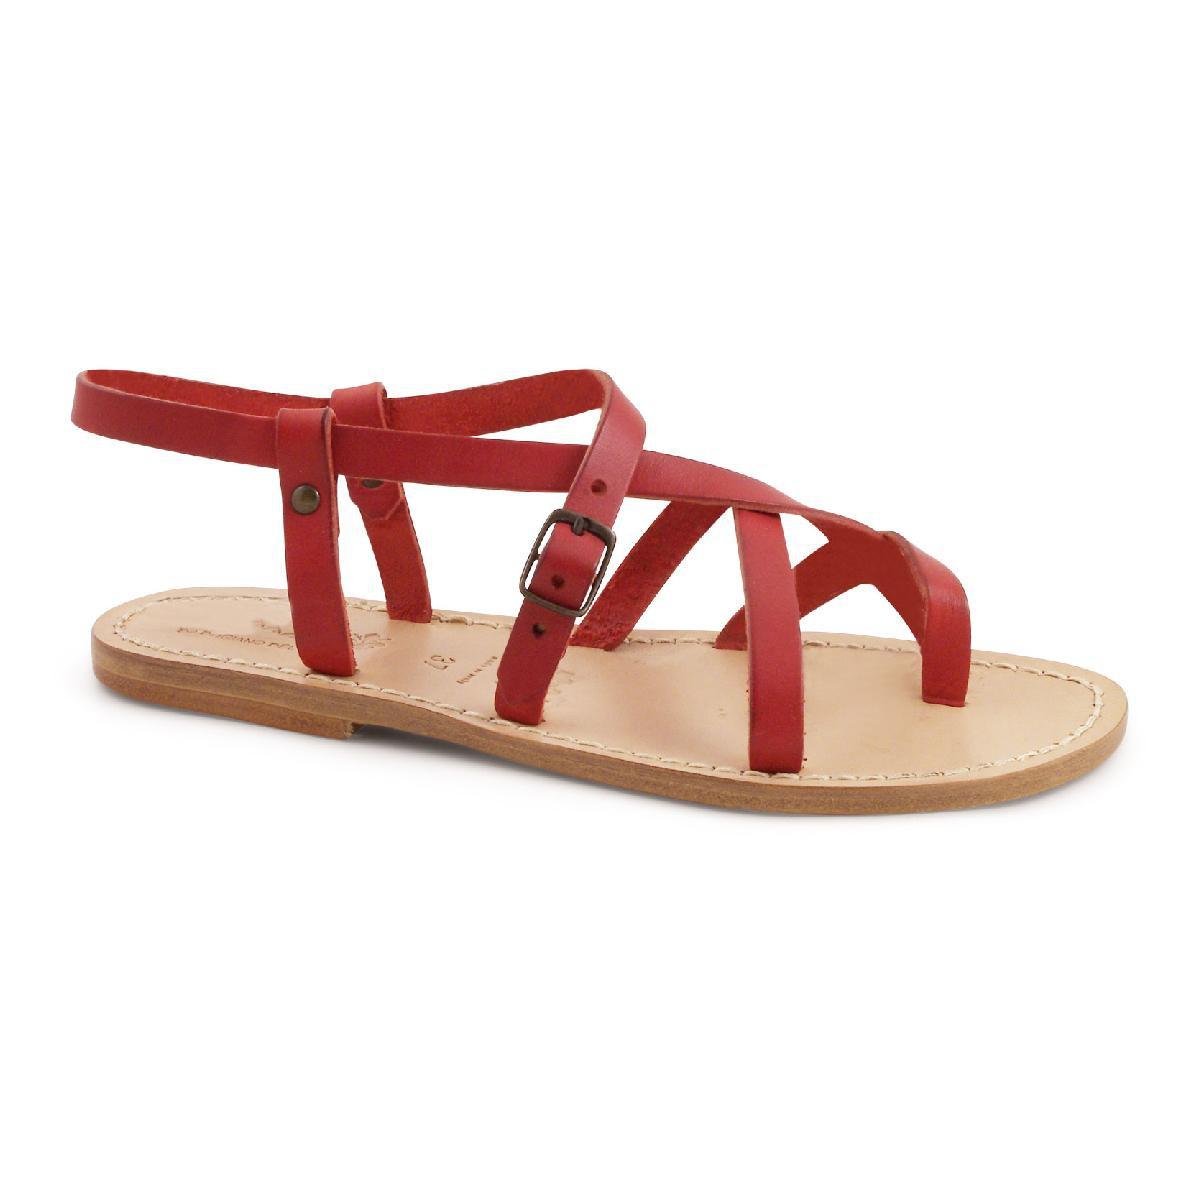 Sandales Italie Pour À Fait La Femme En Cuir Rouge Main sdhQtr